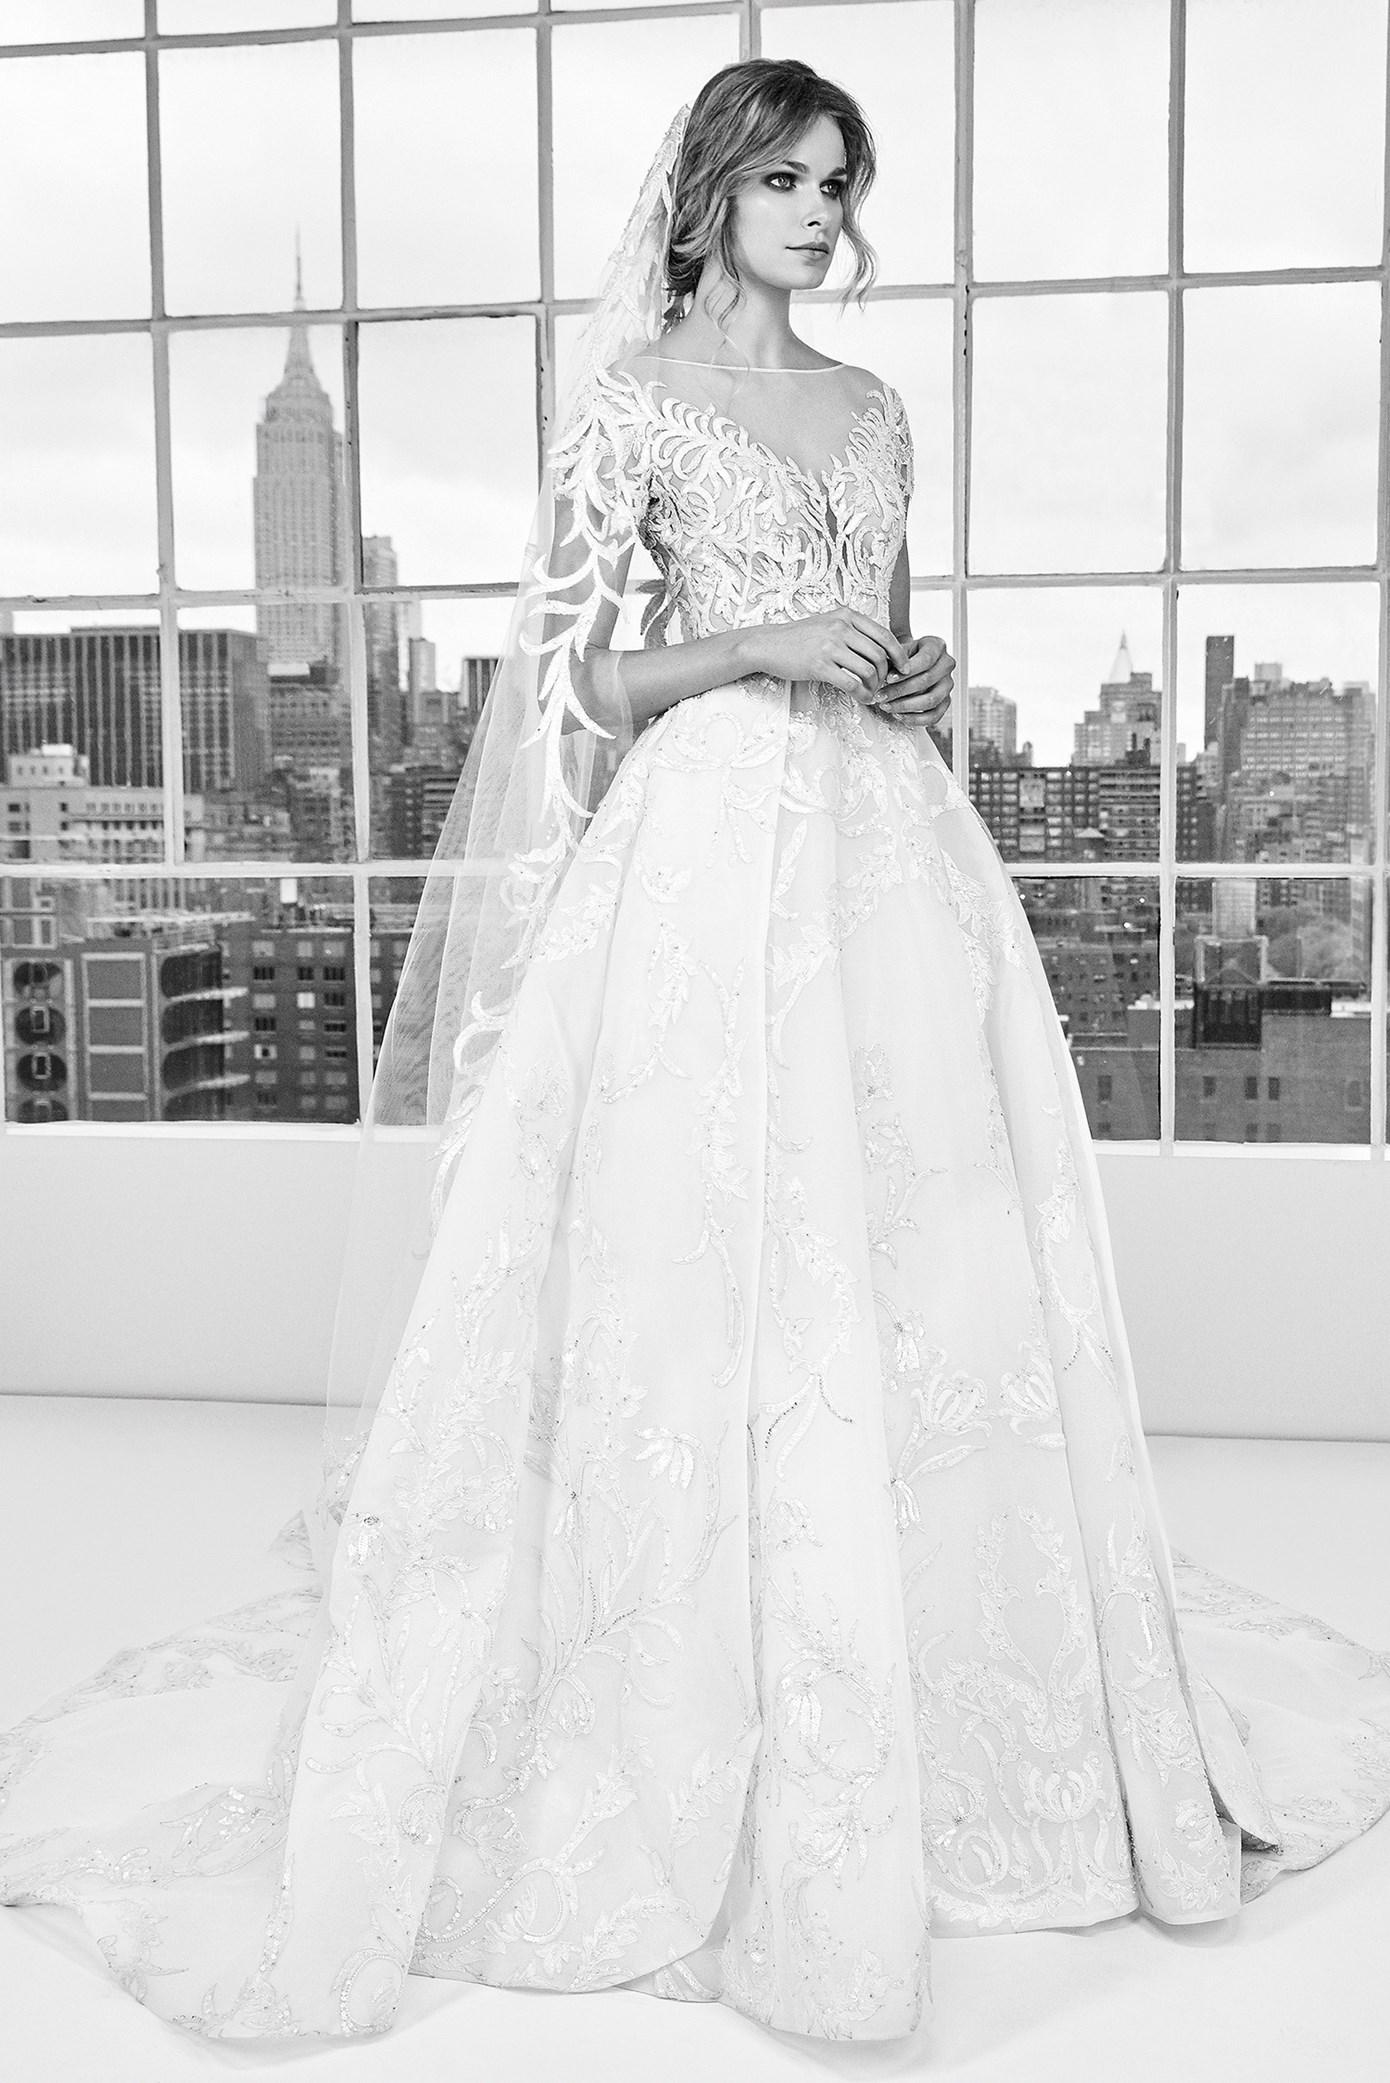 6c01ea353b6 Авторы самых шикарных свадебных платьев Эли Сааб и Зухаир Мурад ...